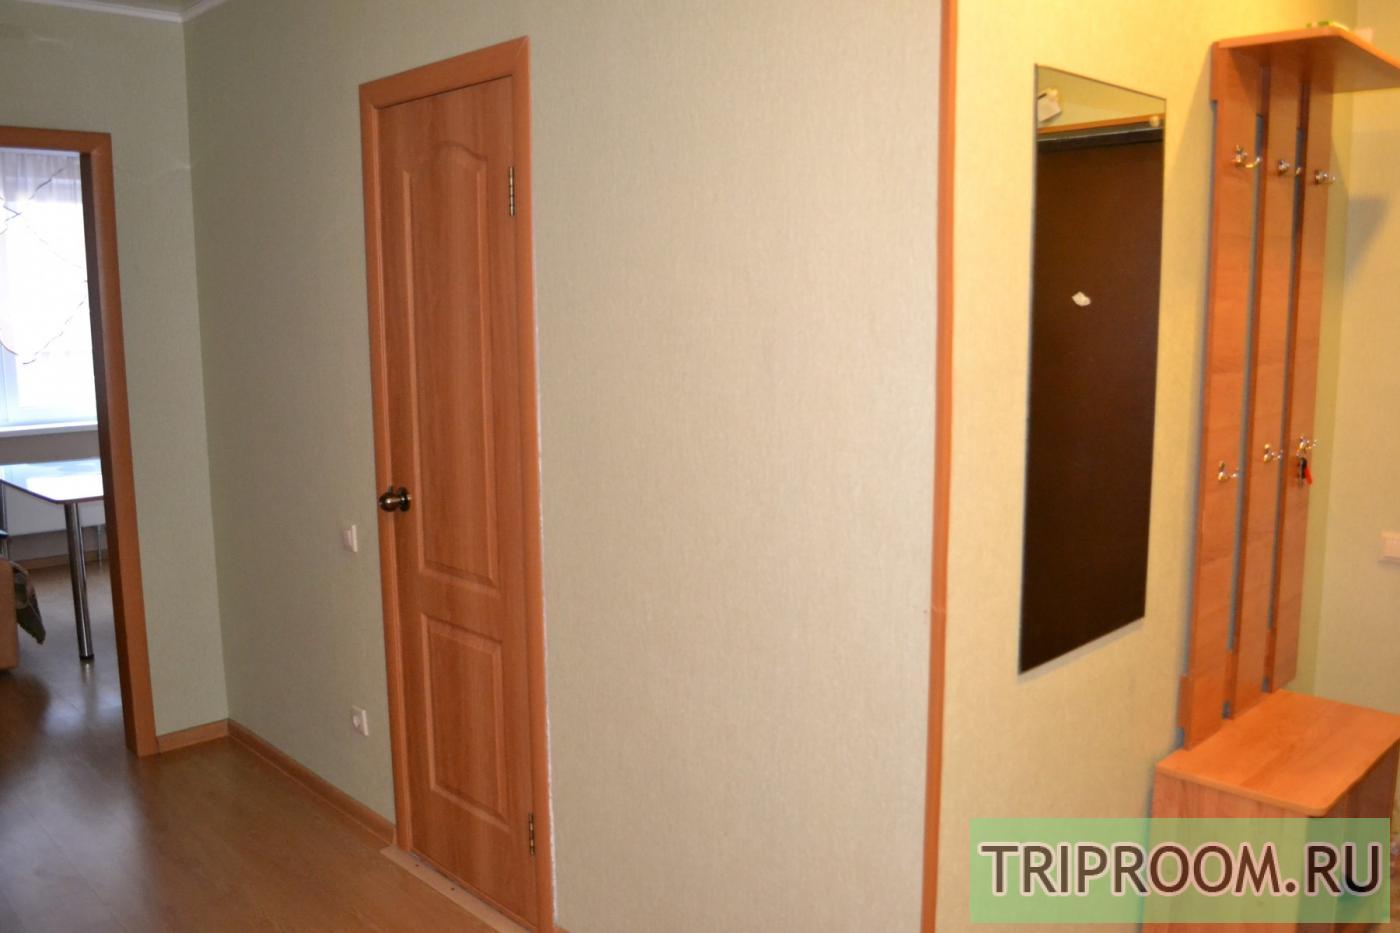 2-комнатная квартира посуточно (вариант № 36246), ул. Олимпийский бульвар, фото № 9